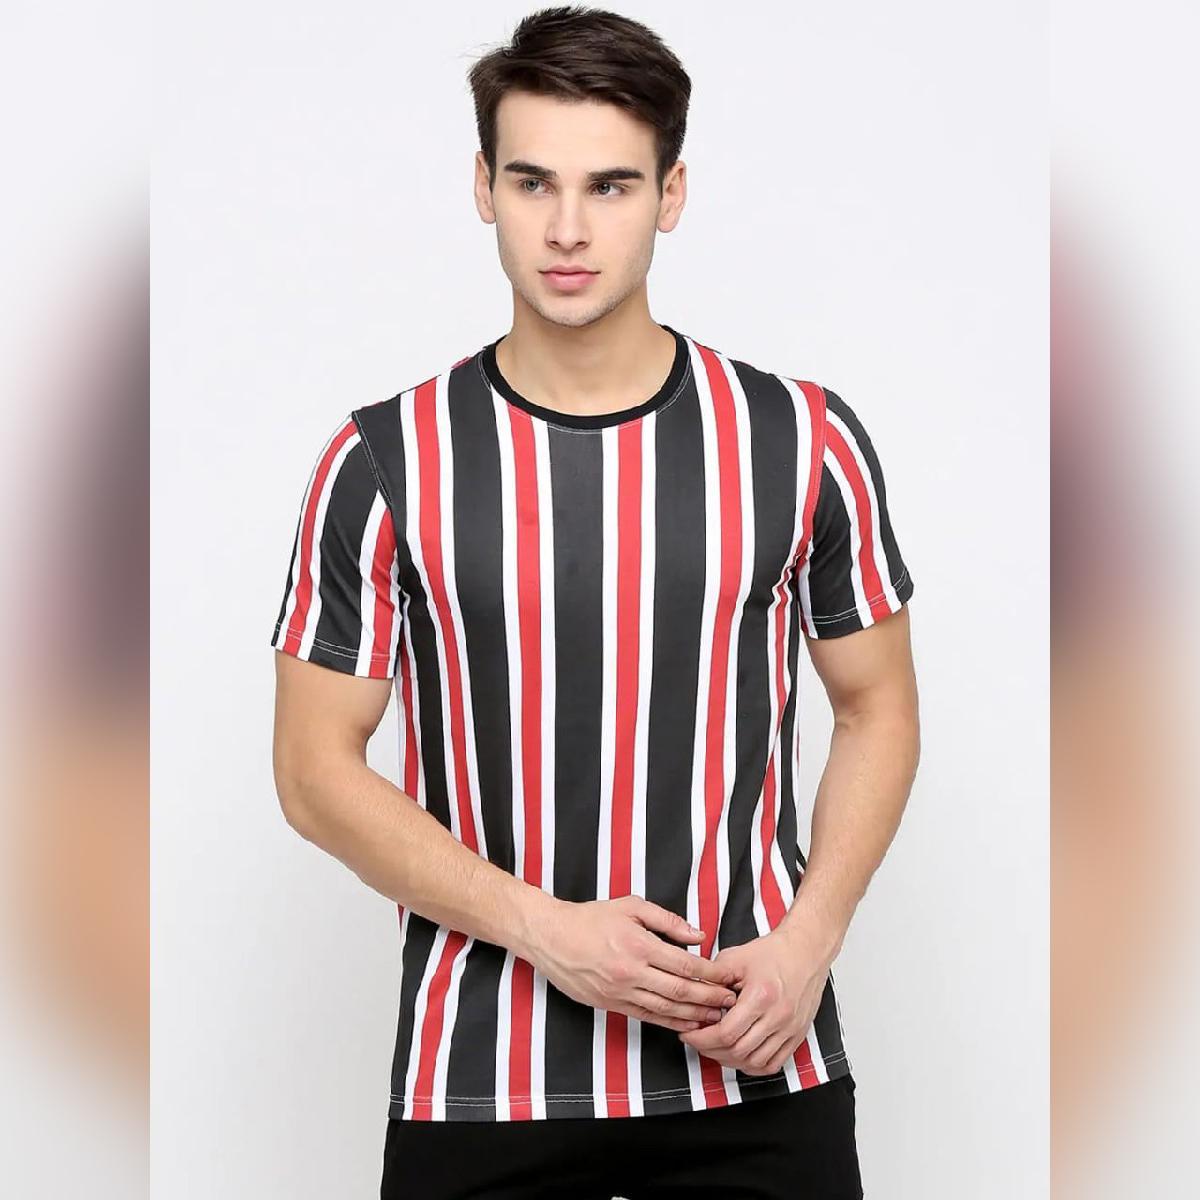 Short Sleeves Vertical Strip Printed Tshirt